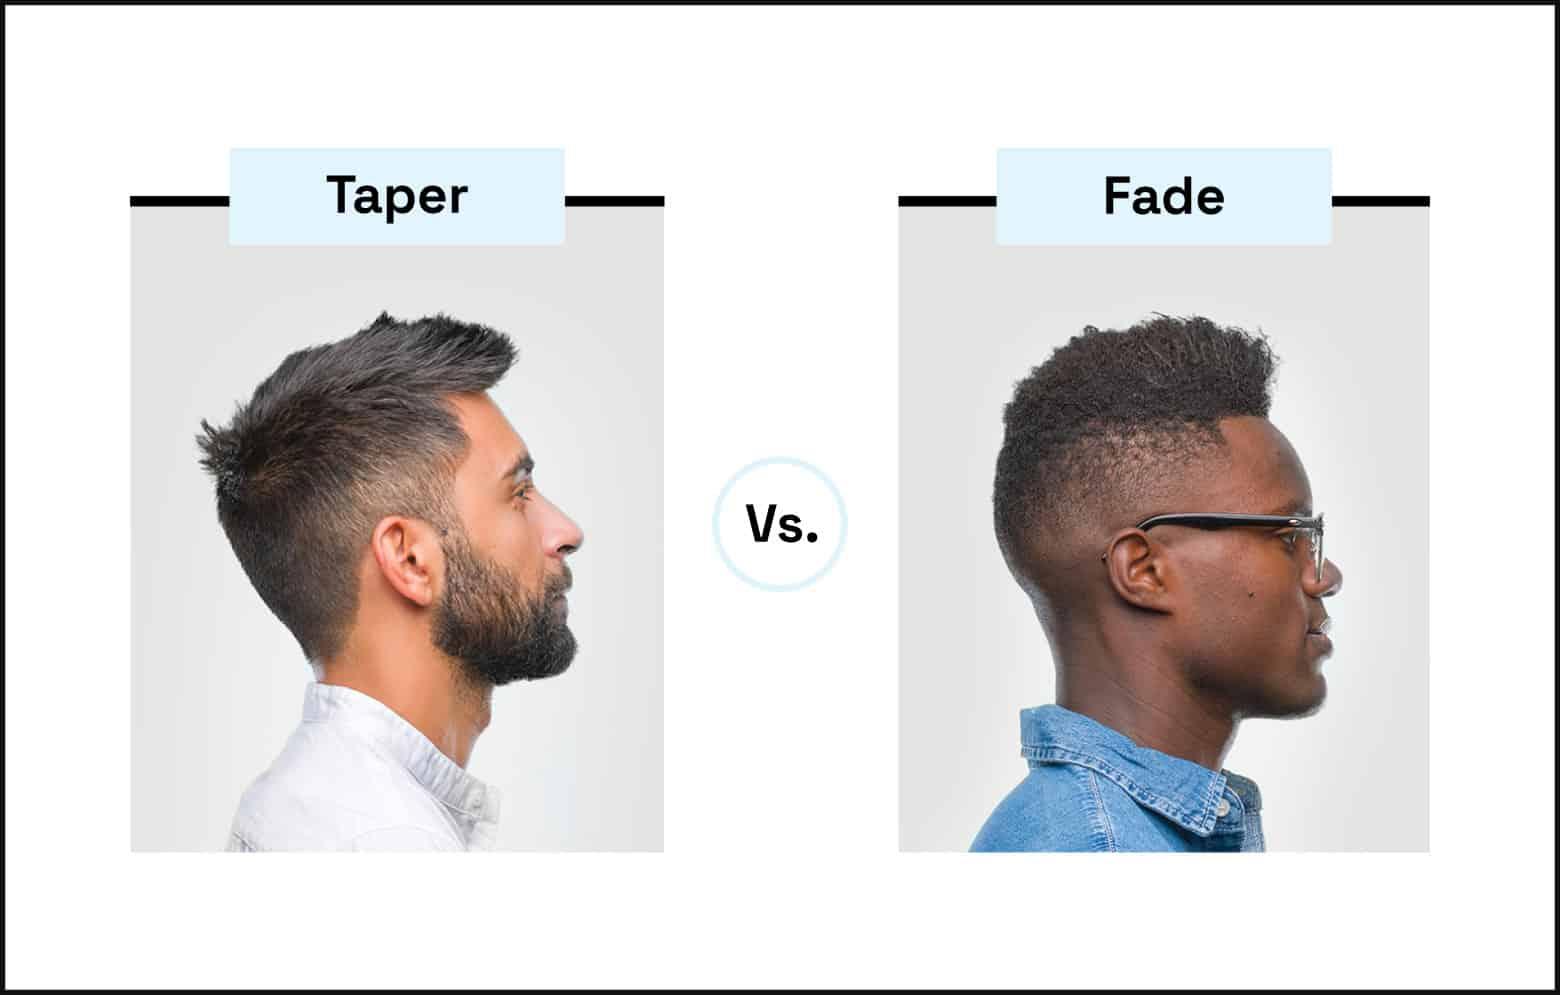 taper vs fade